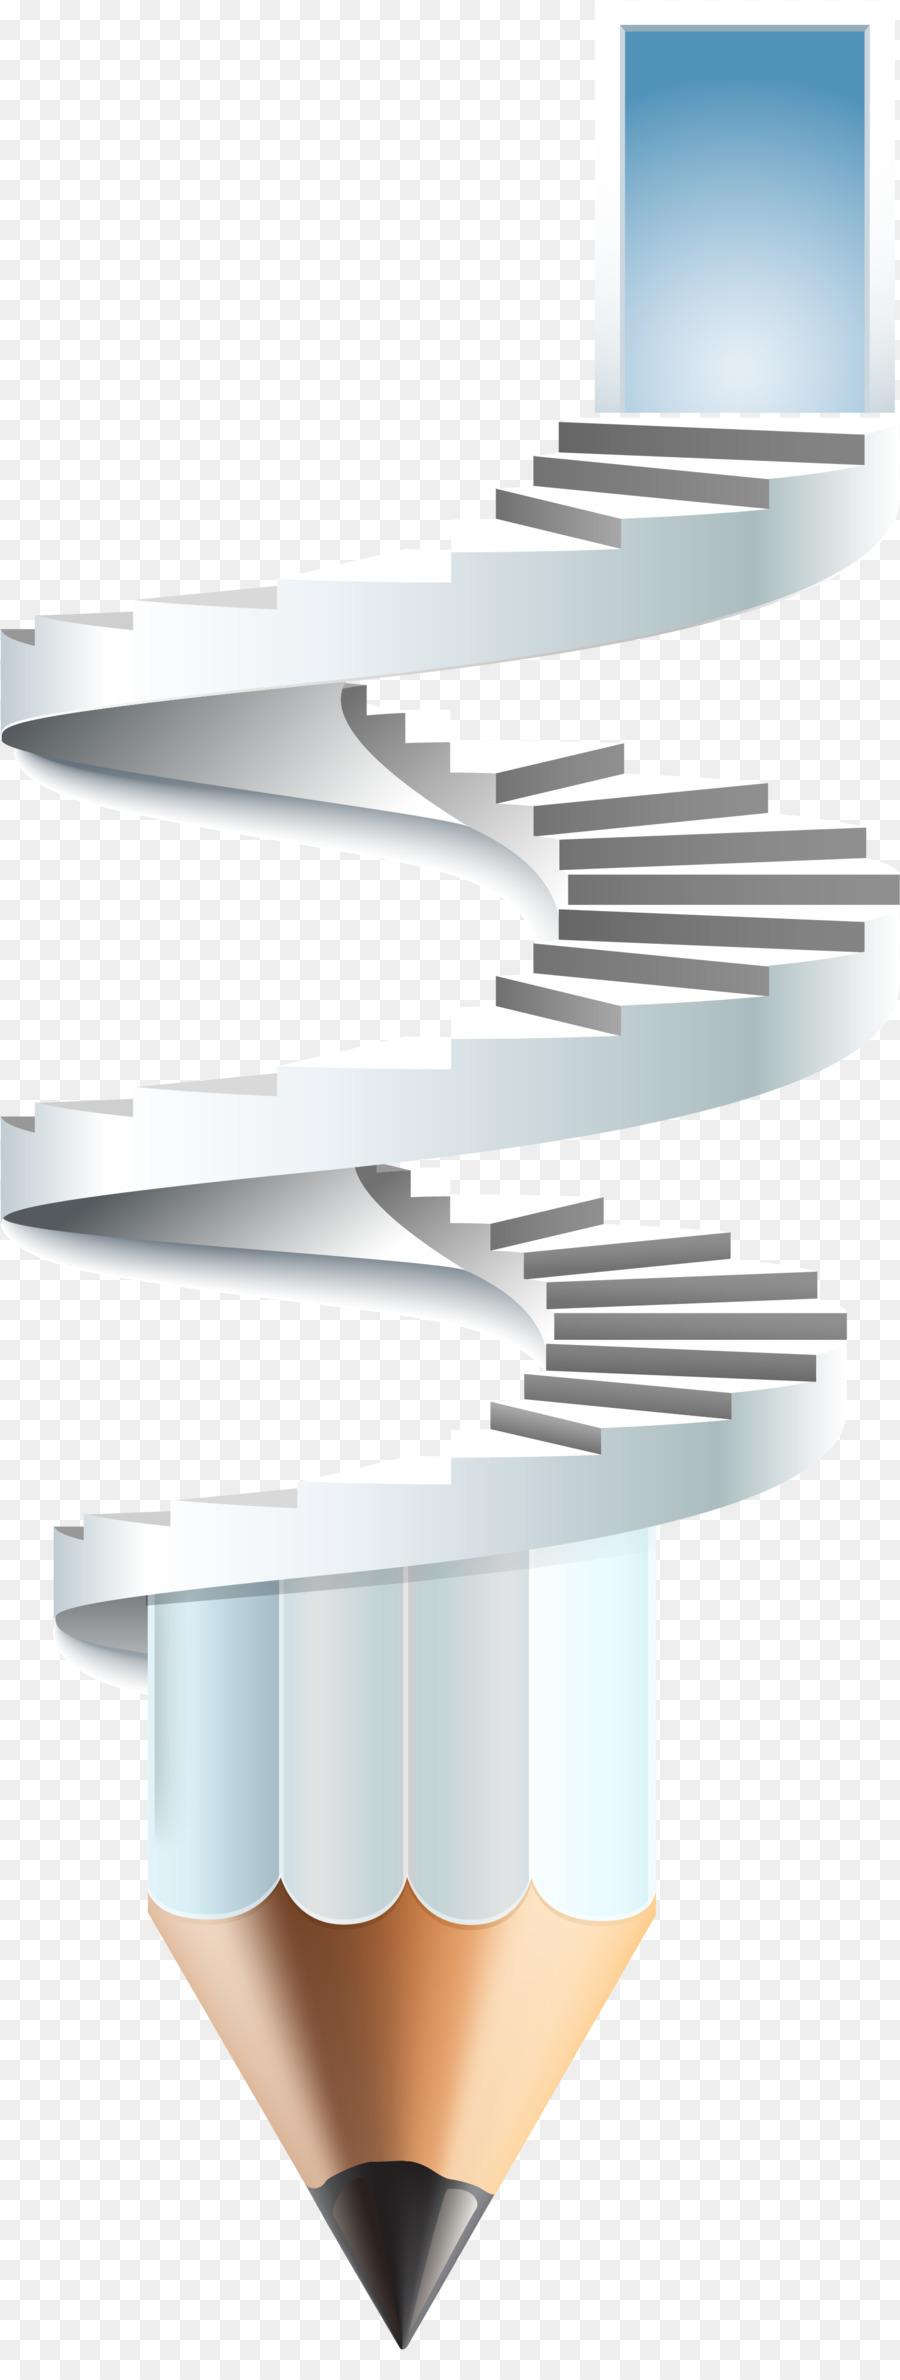 Descarga gratuita de Escaleras, Lápiz, La Creatividad imágenes PNG